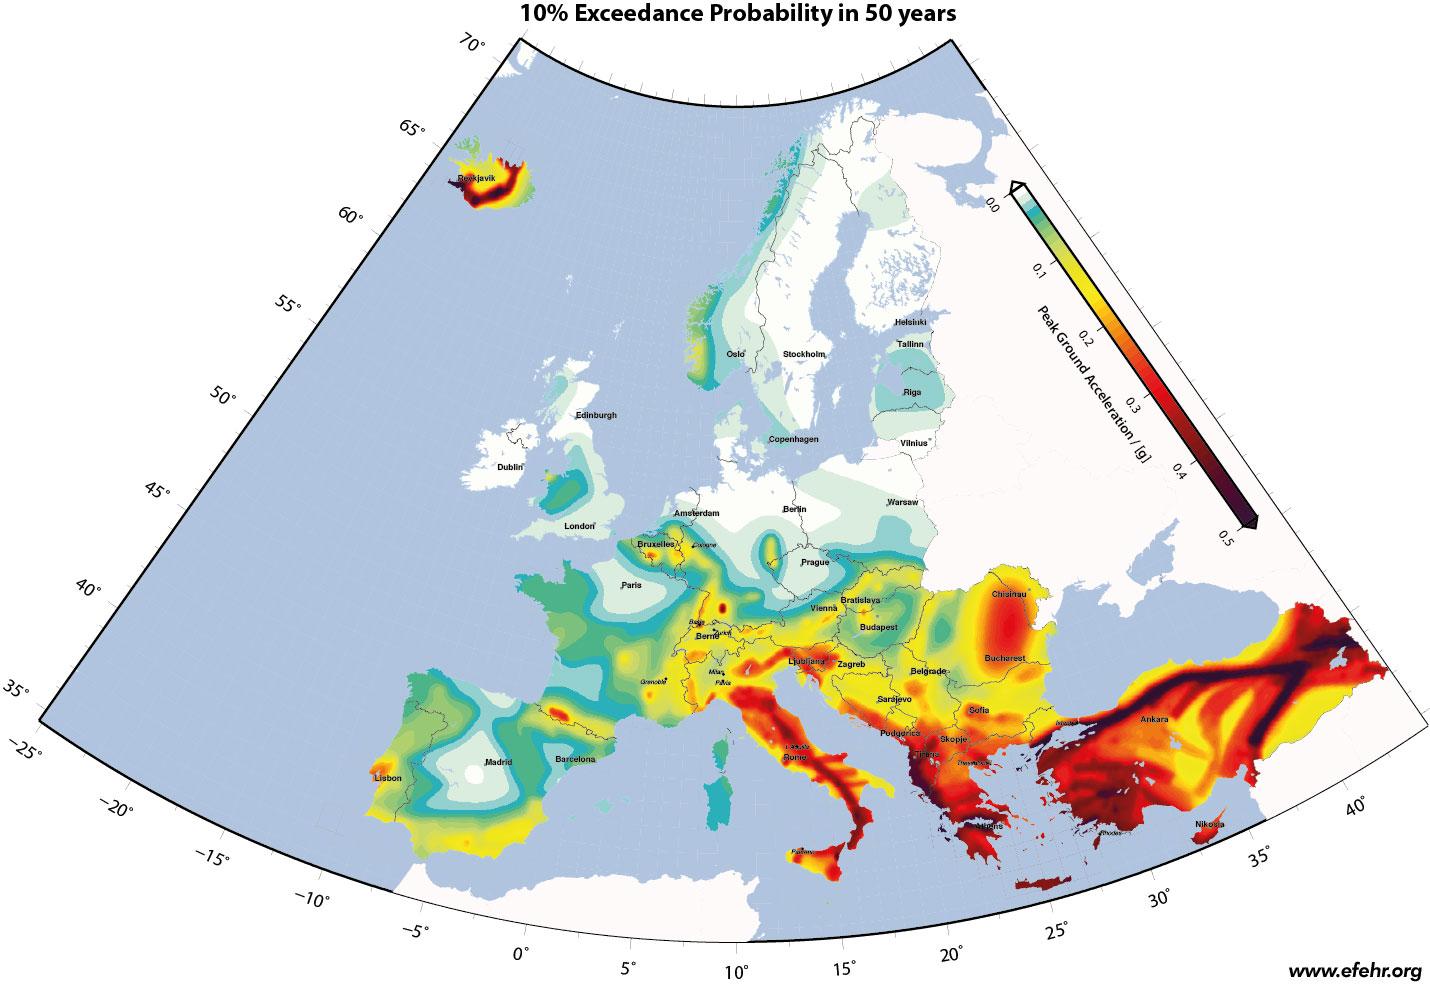 After: ETH Zurich / Swiss Seismological Service, www.efehr.org